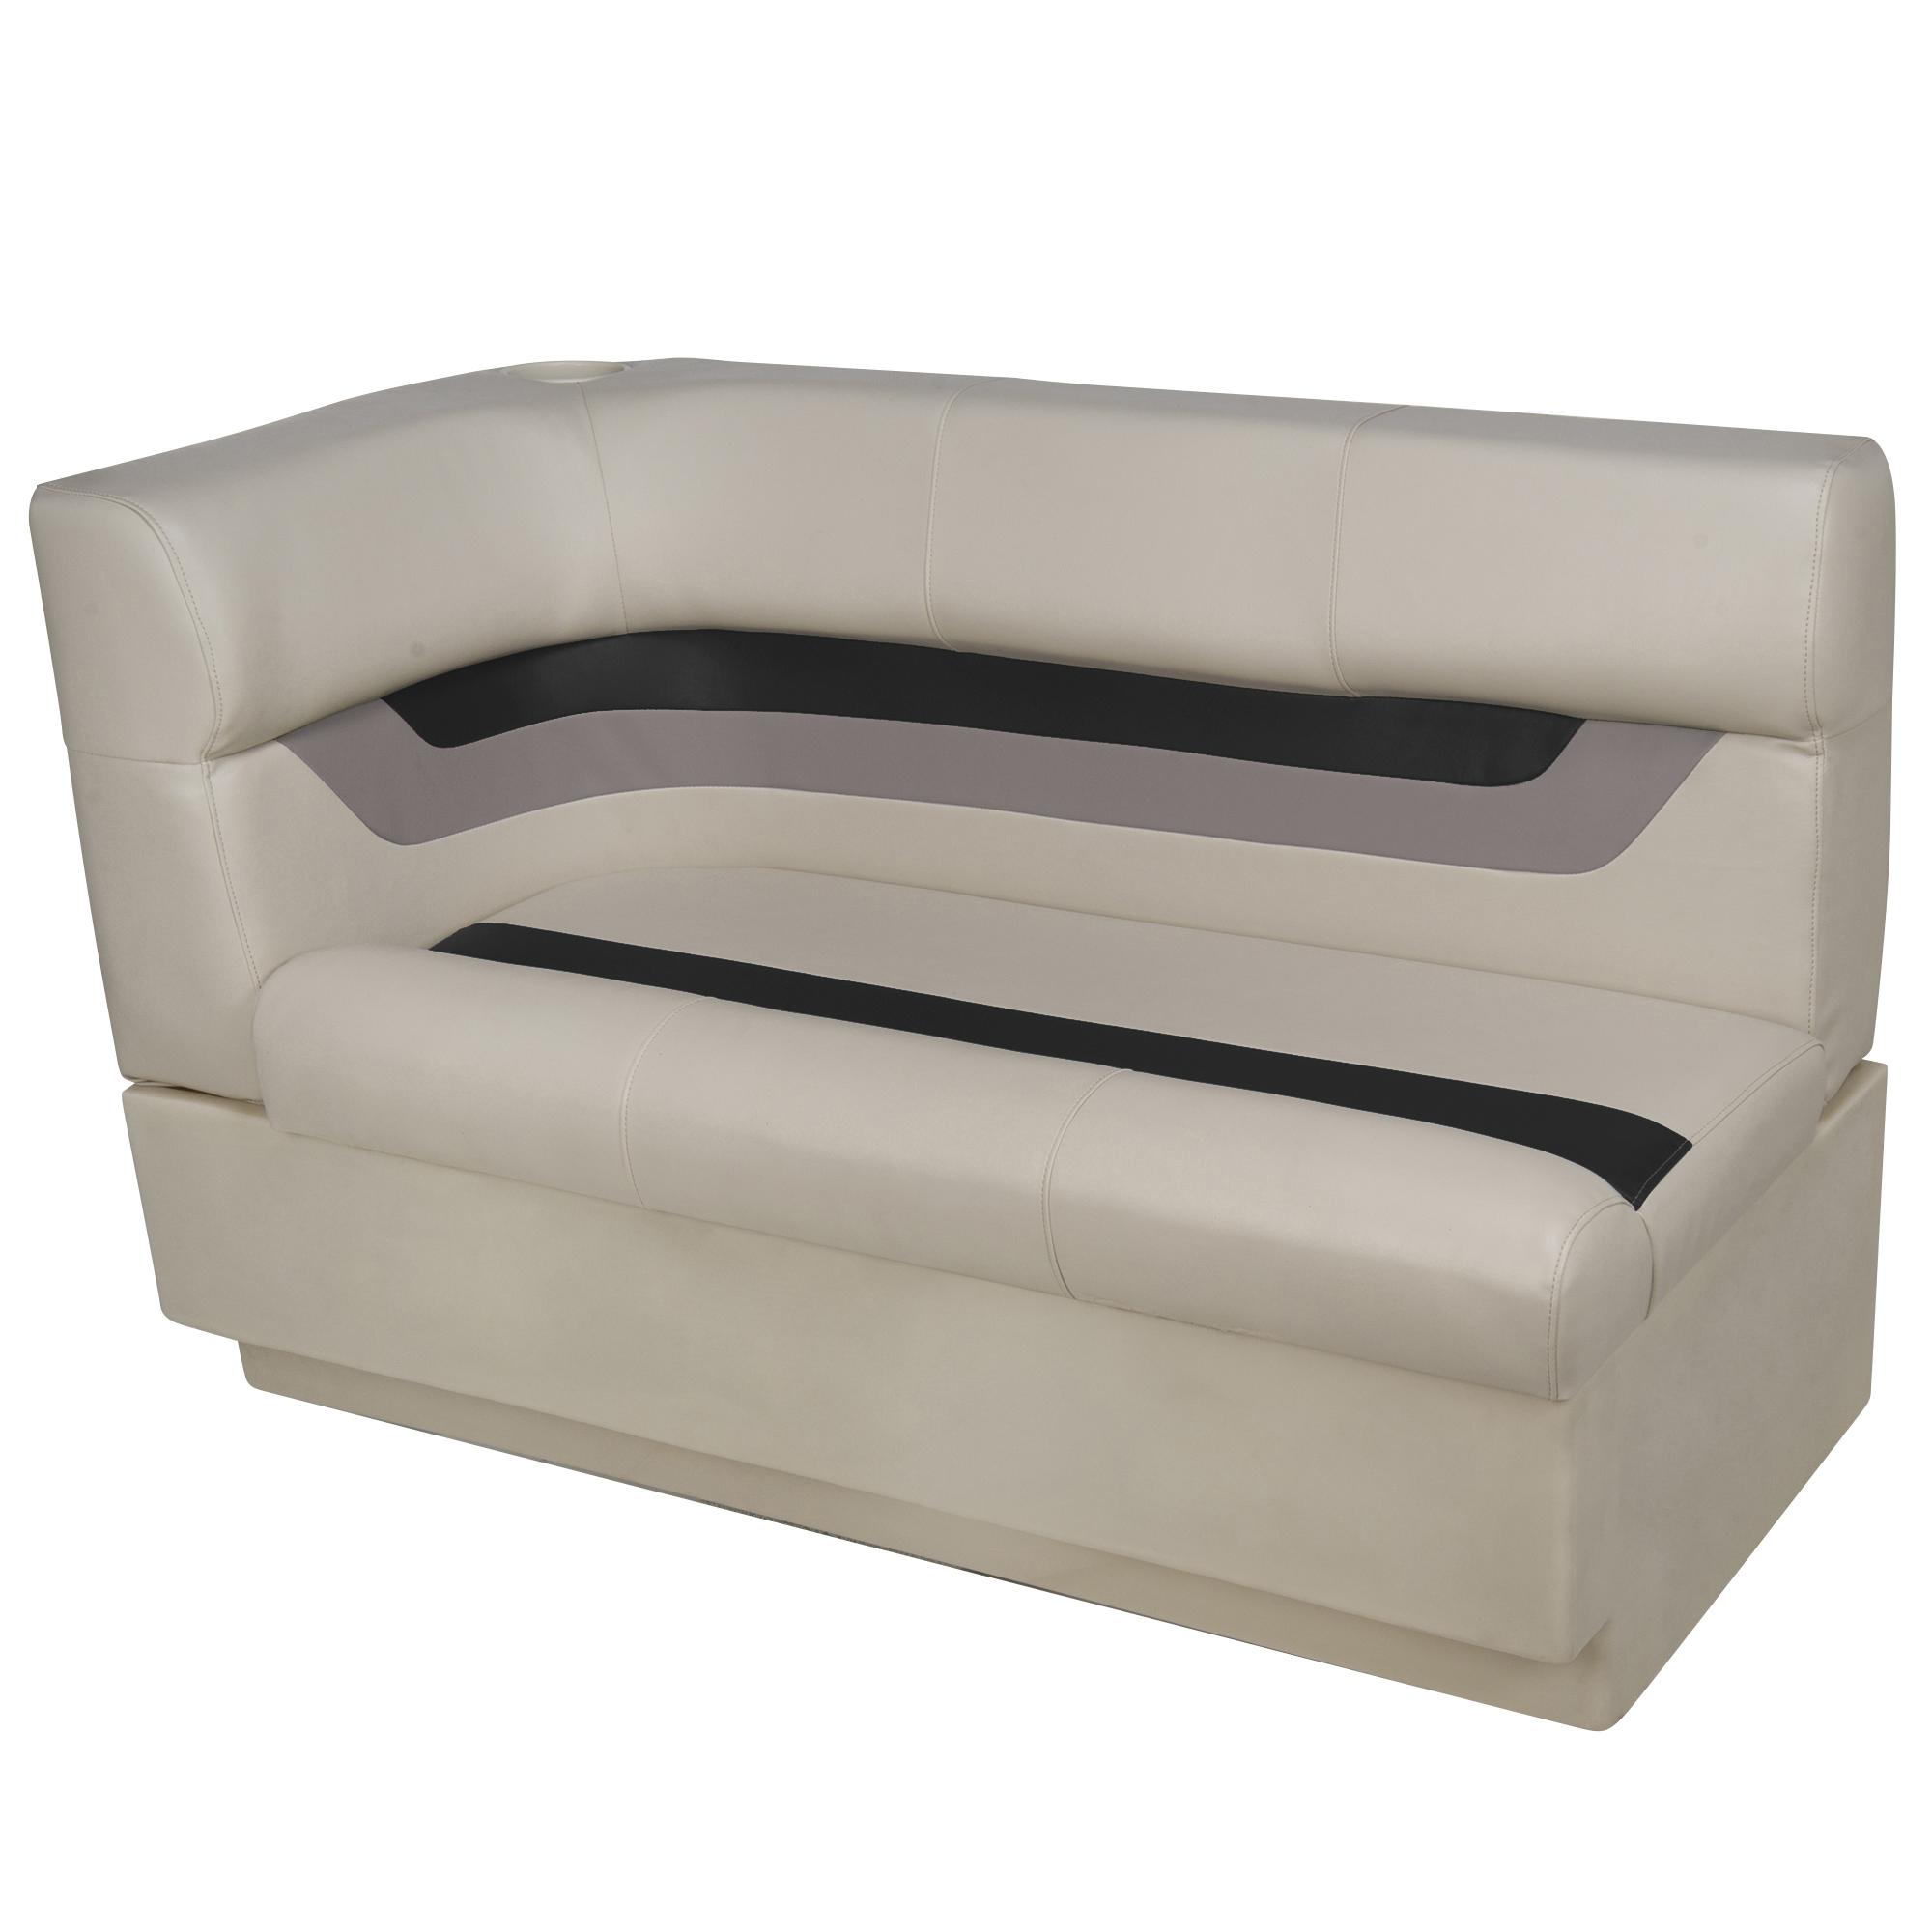 Toonmate Designer Pontoon Right-Side Corner Couch - TOP ONLY - Platinum/Black/Mocha